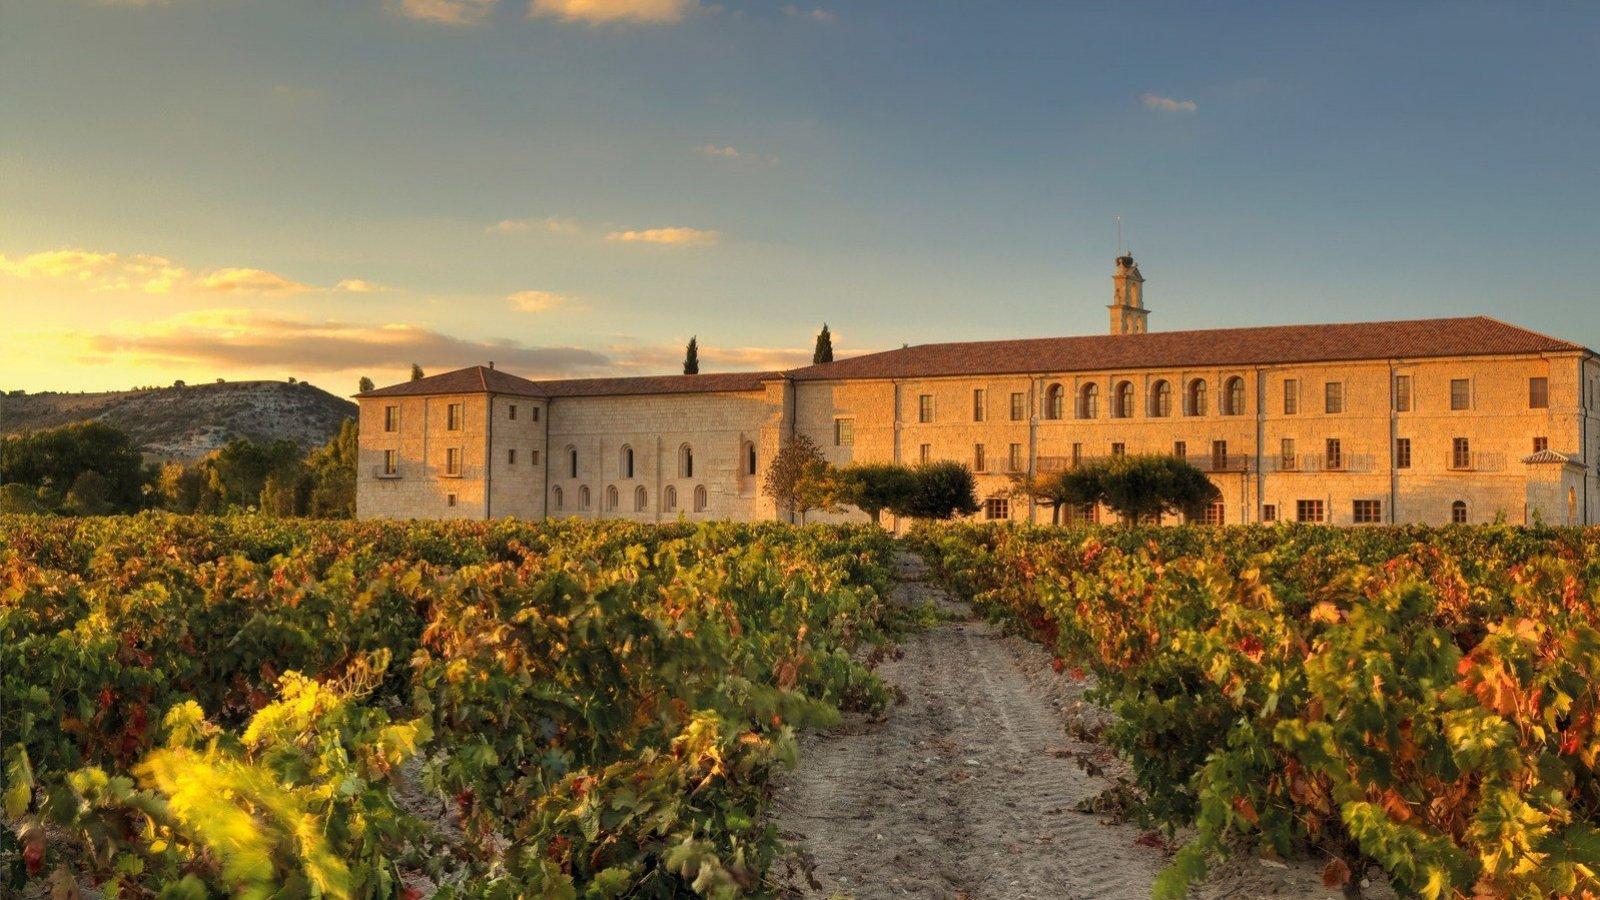 Un enclave de lujo y tranquilidad entre viñedos.